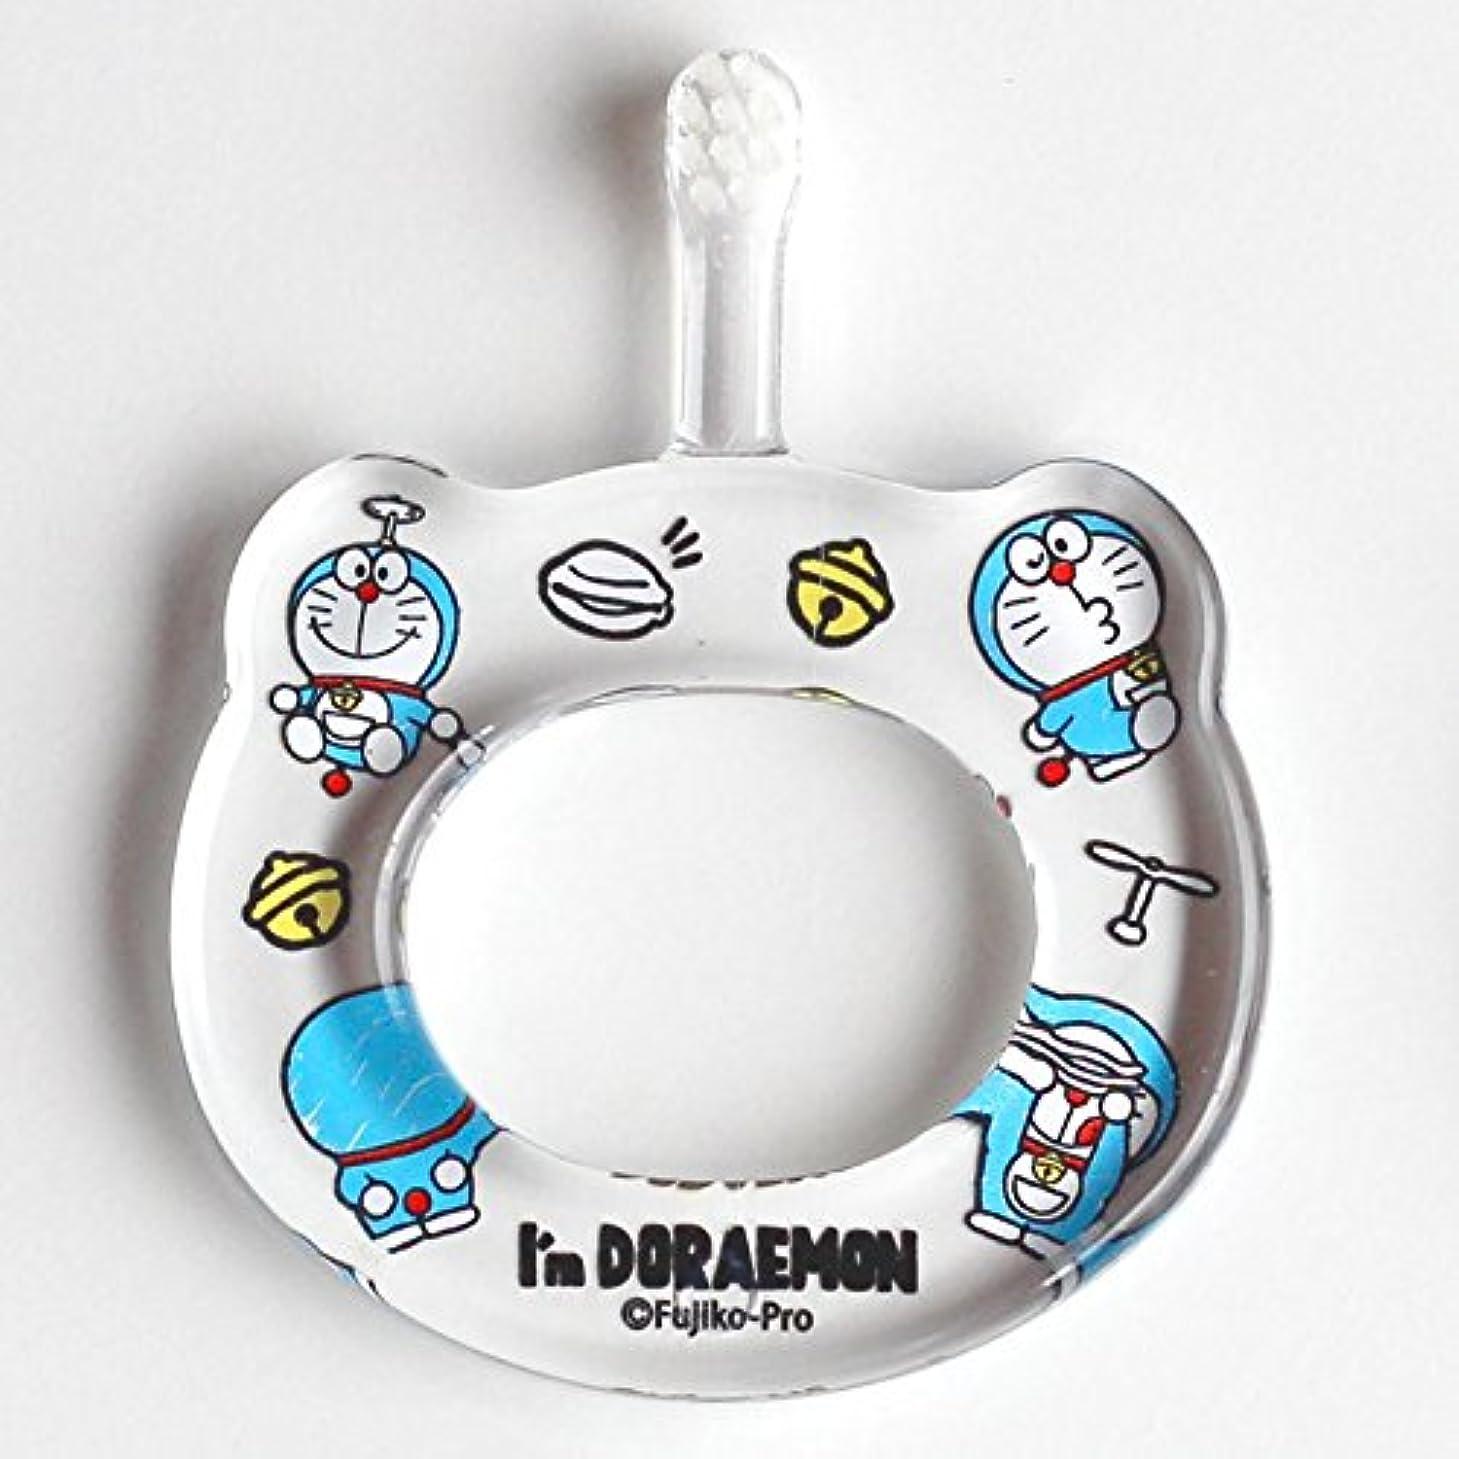 ケイ素隠された保証するHAMICO ベビー歯ブラシ(キャラクター限定商品) ワンサイズ ドラえもん